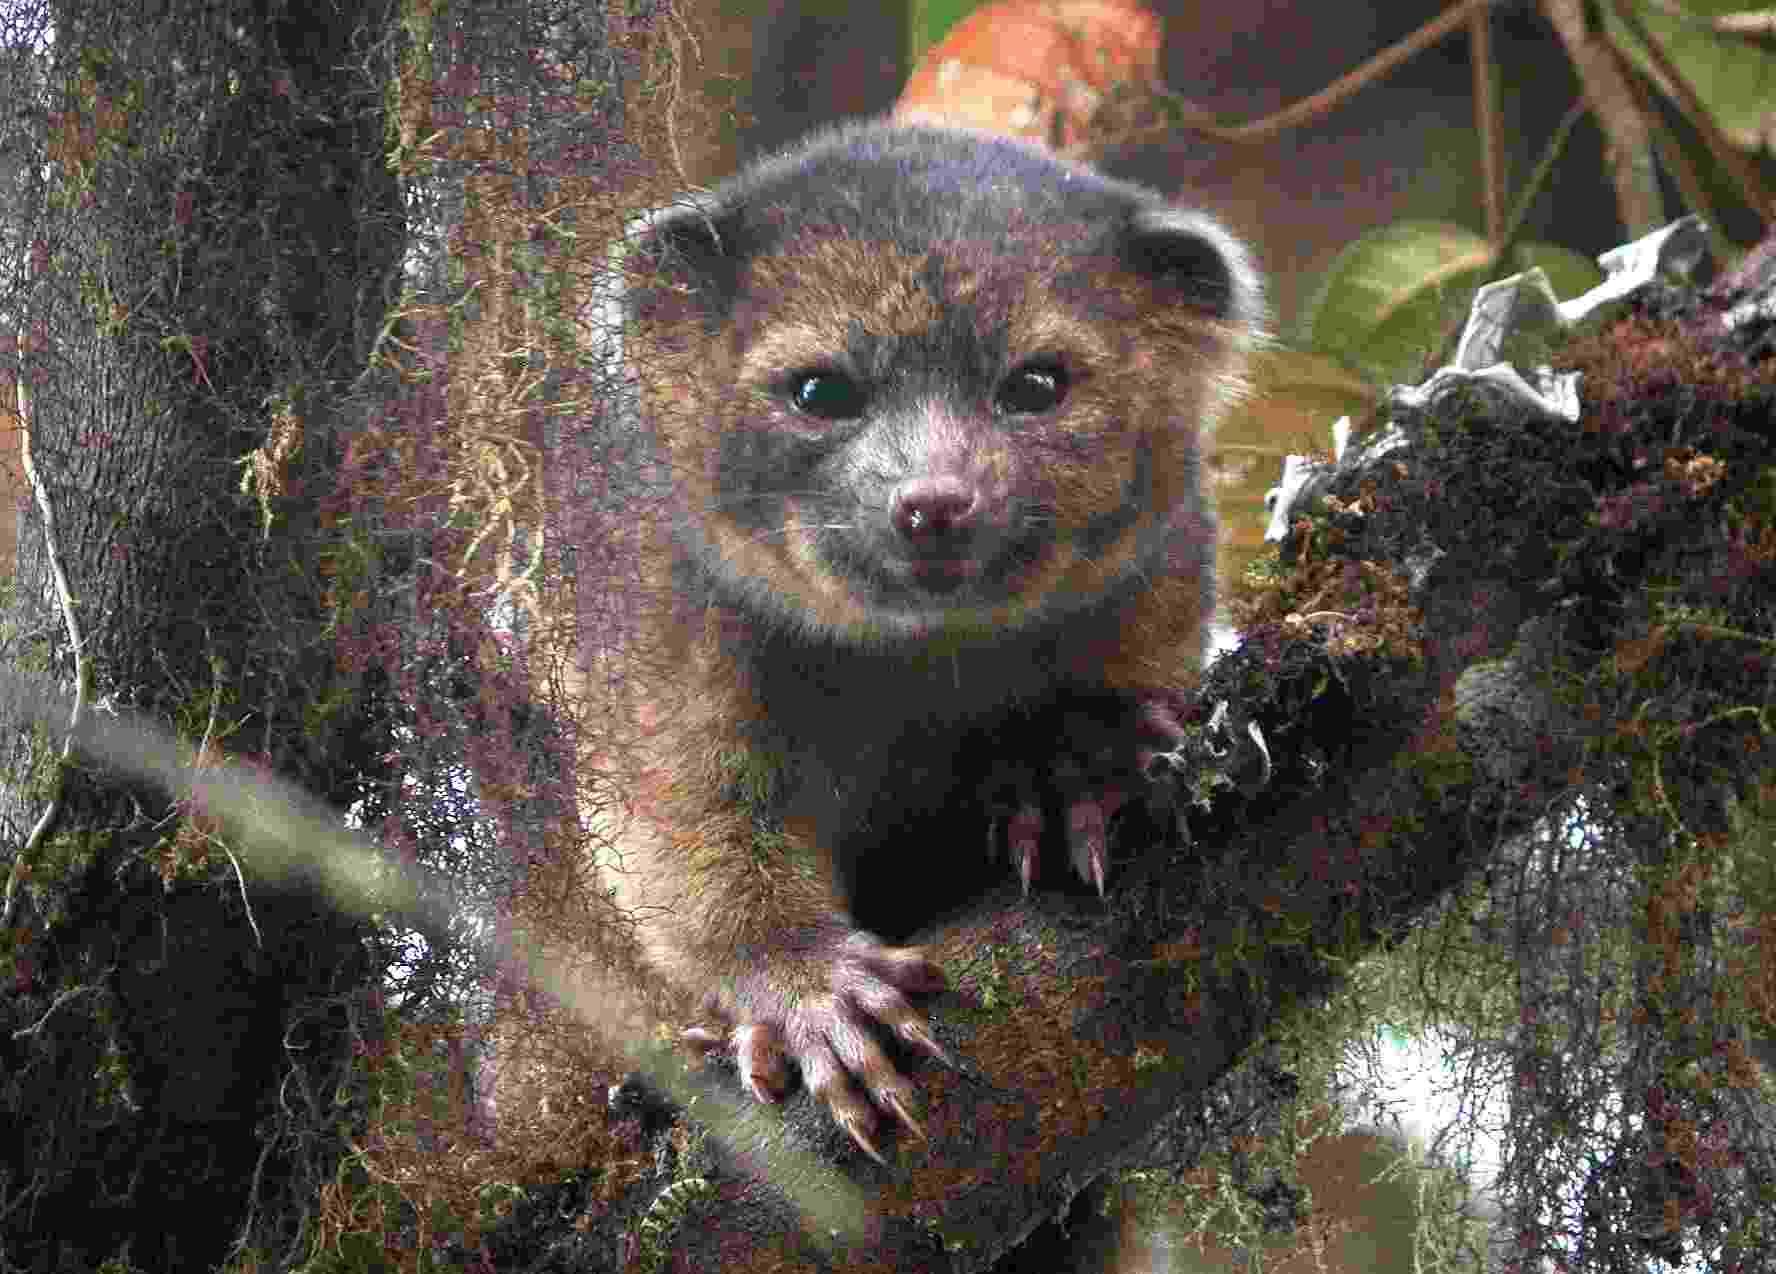 """15.ago.2013 - Kristofer Helgen, curador do Instituto Smithsonian, passou dez anos examinando centenas de espécimes de museu até encontrar, durante expedição nas florestas do Equador, o Olinguito (""""Bassaricyon Neblina'), uma """"mistura de gato doméstico com urso"""", destaca artigo publicado no 'Zookeys'. Esta é a primeira espécie carnívora registrada pela ciência em 35 anos - Mark Gurney"""